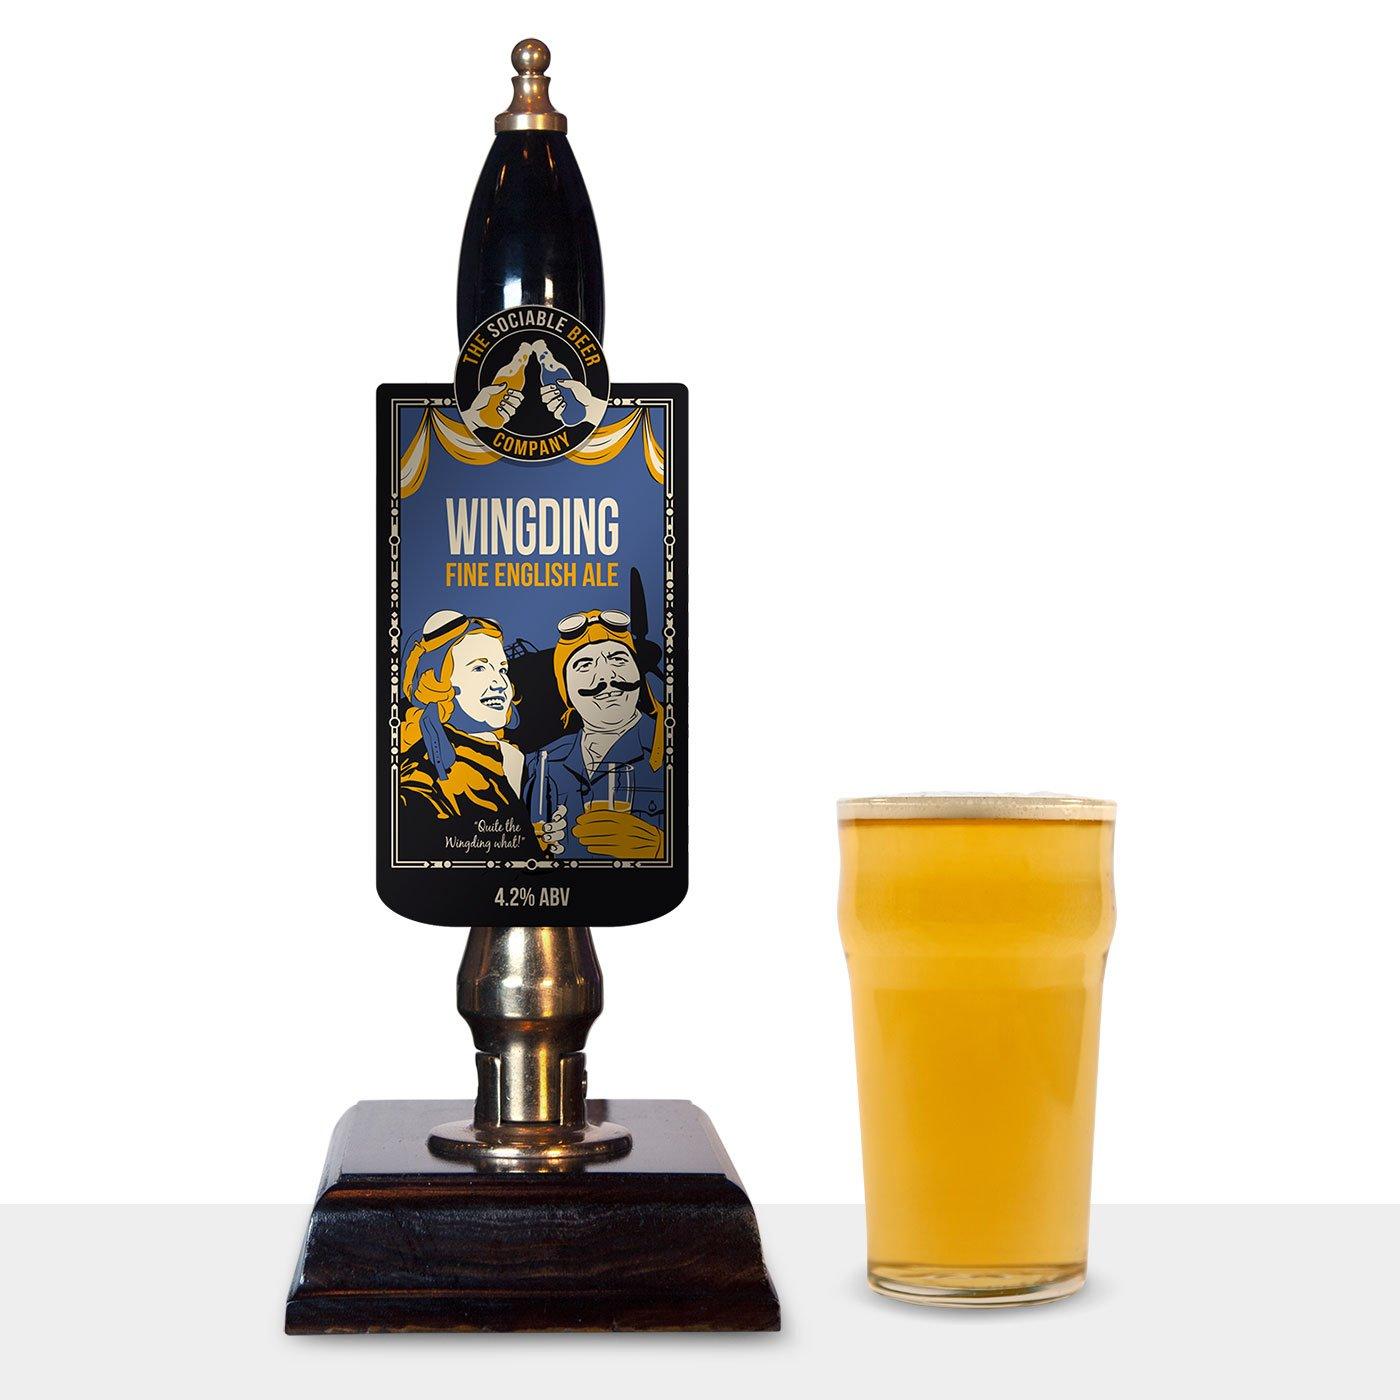 wingding-pump-beer